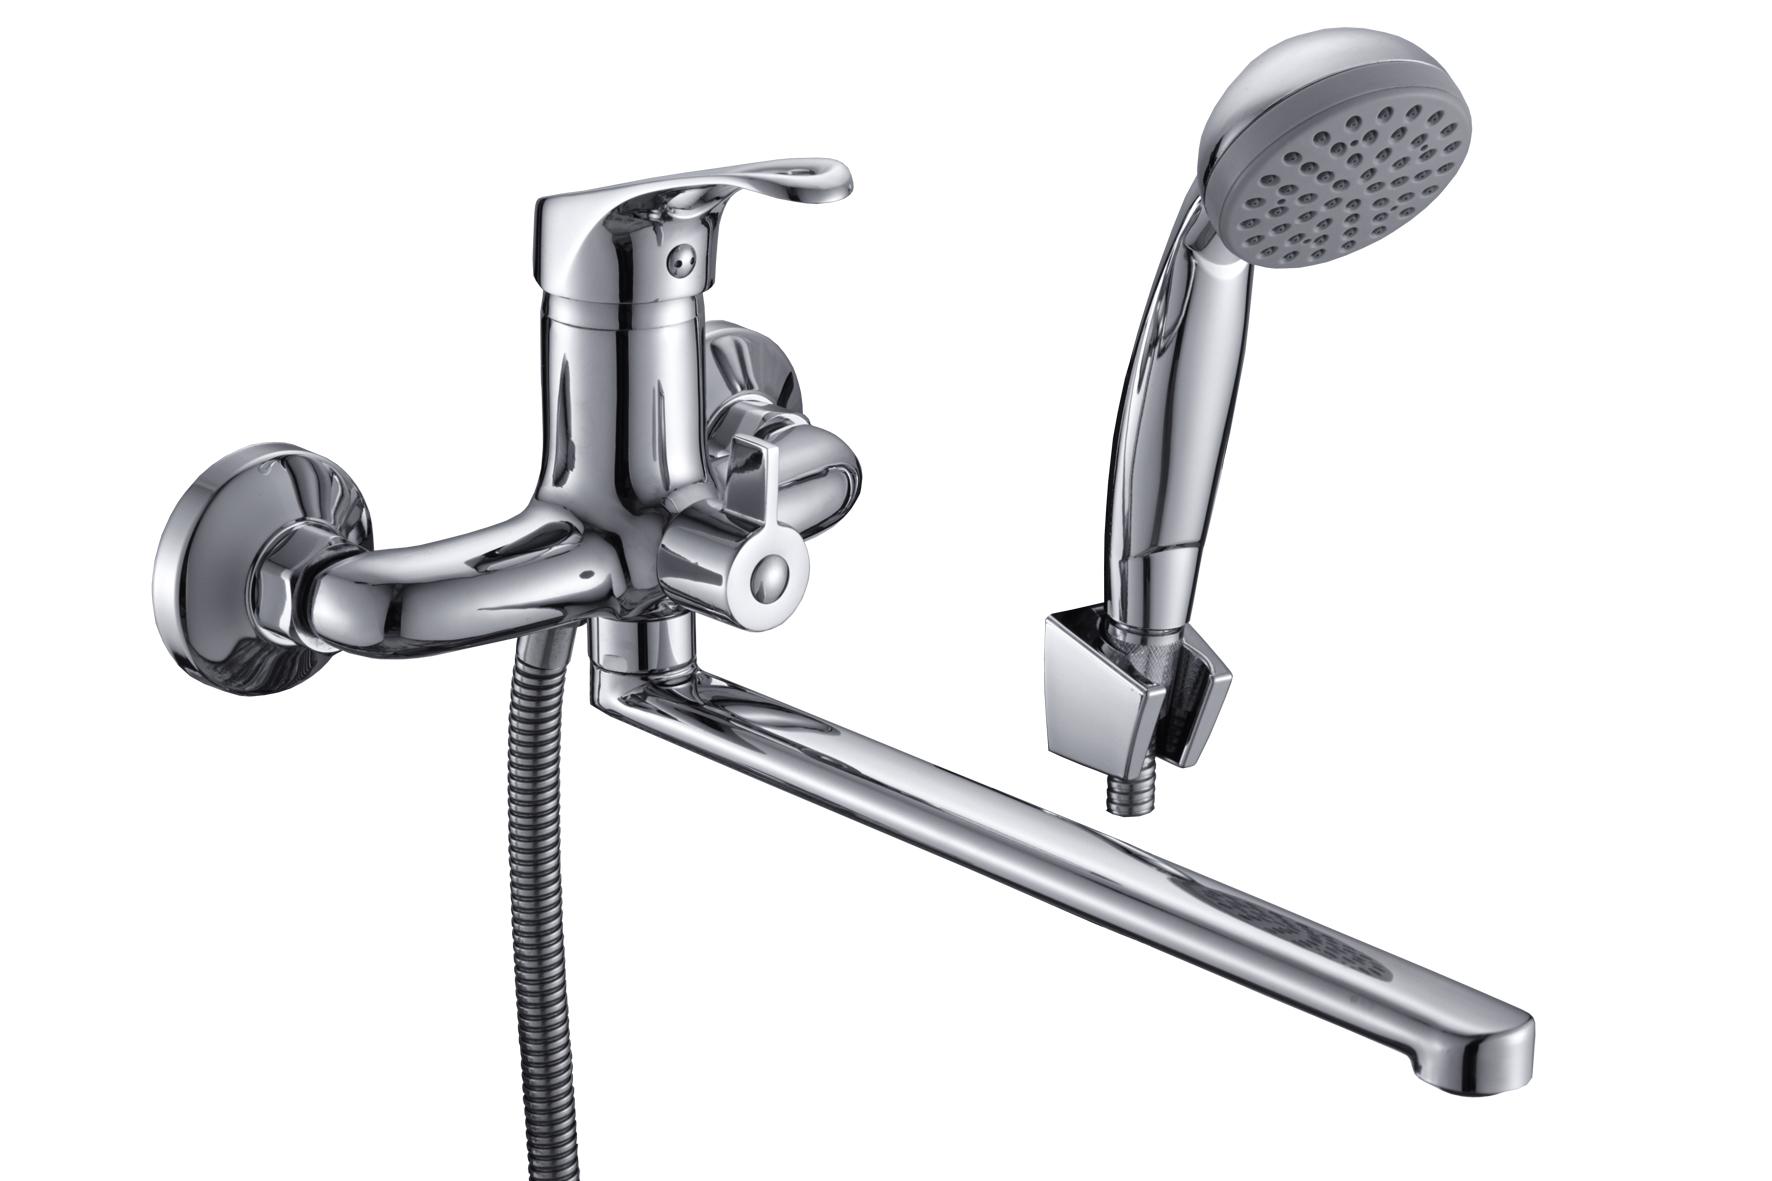 Смеситель Славен для ванны и умывальника универсальный с поворотным изливом, переключатель флажковый, комплект, одноручный.Б31